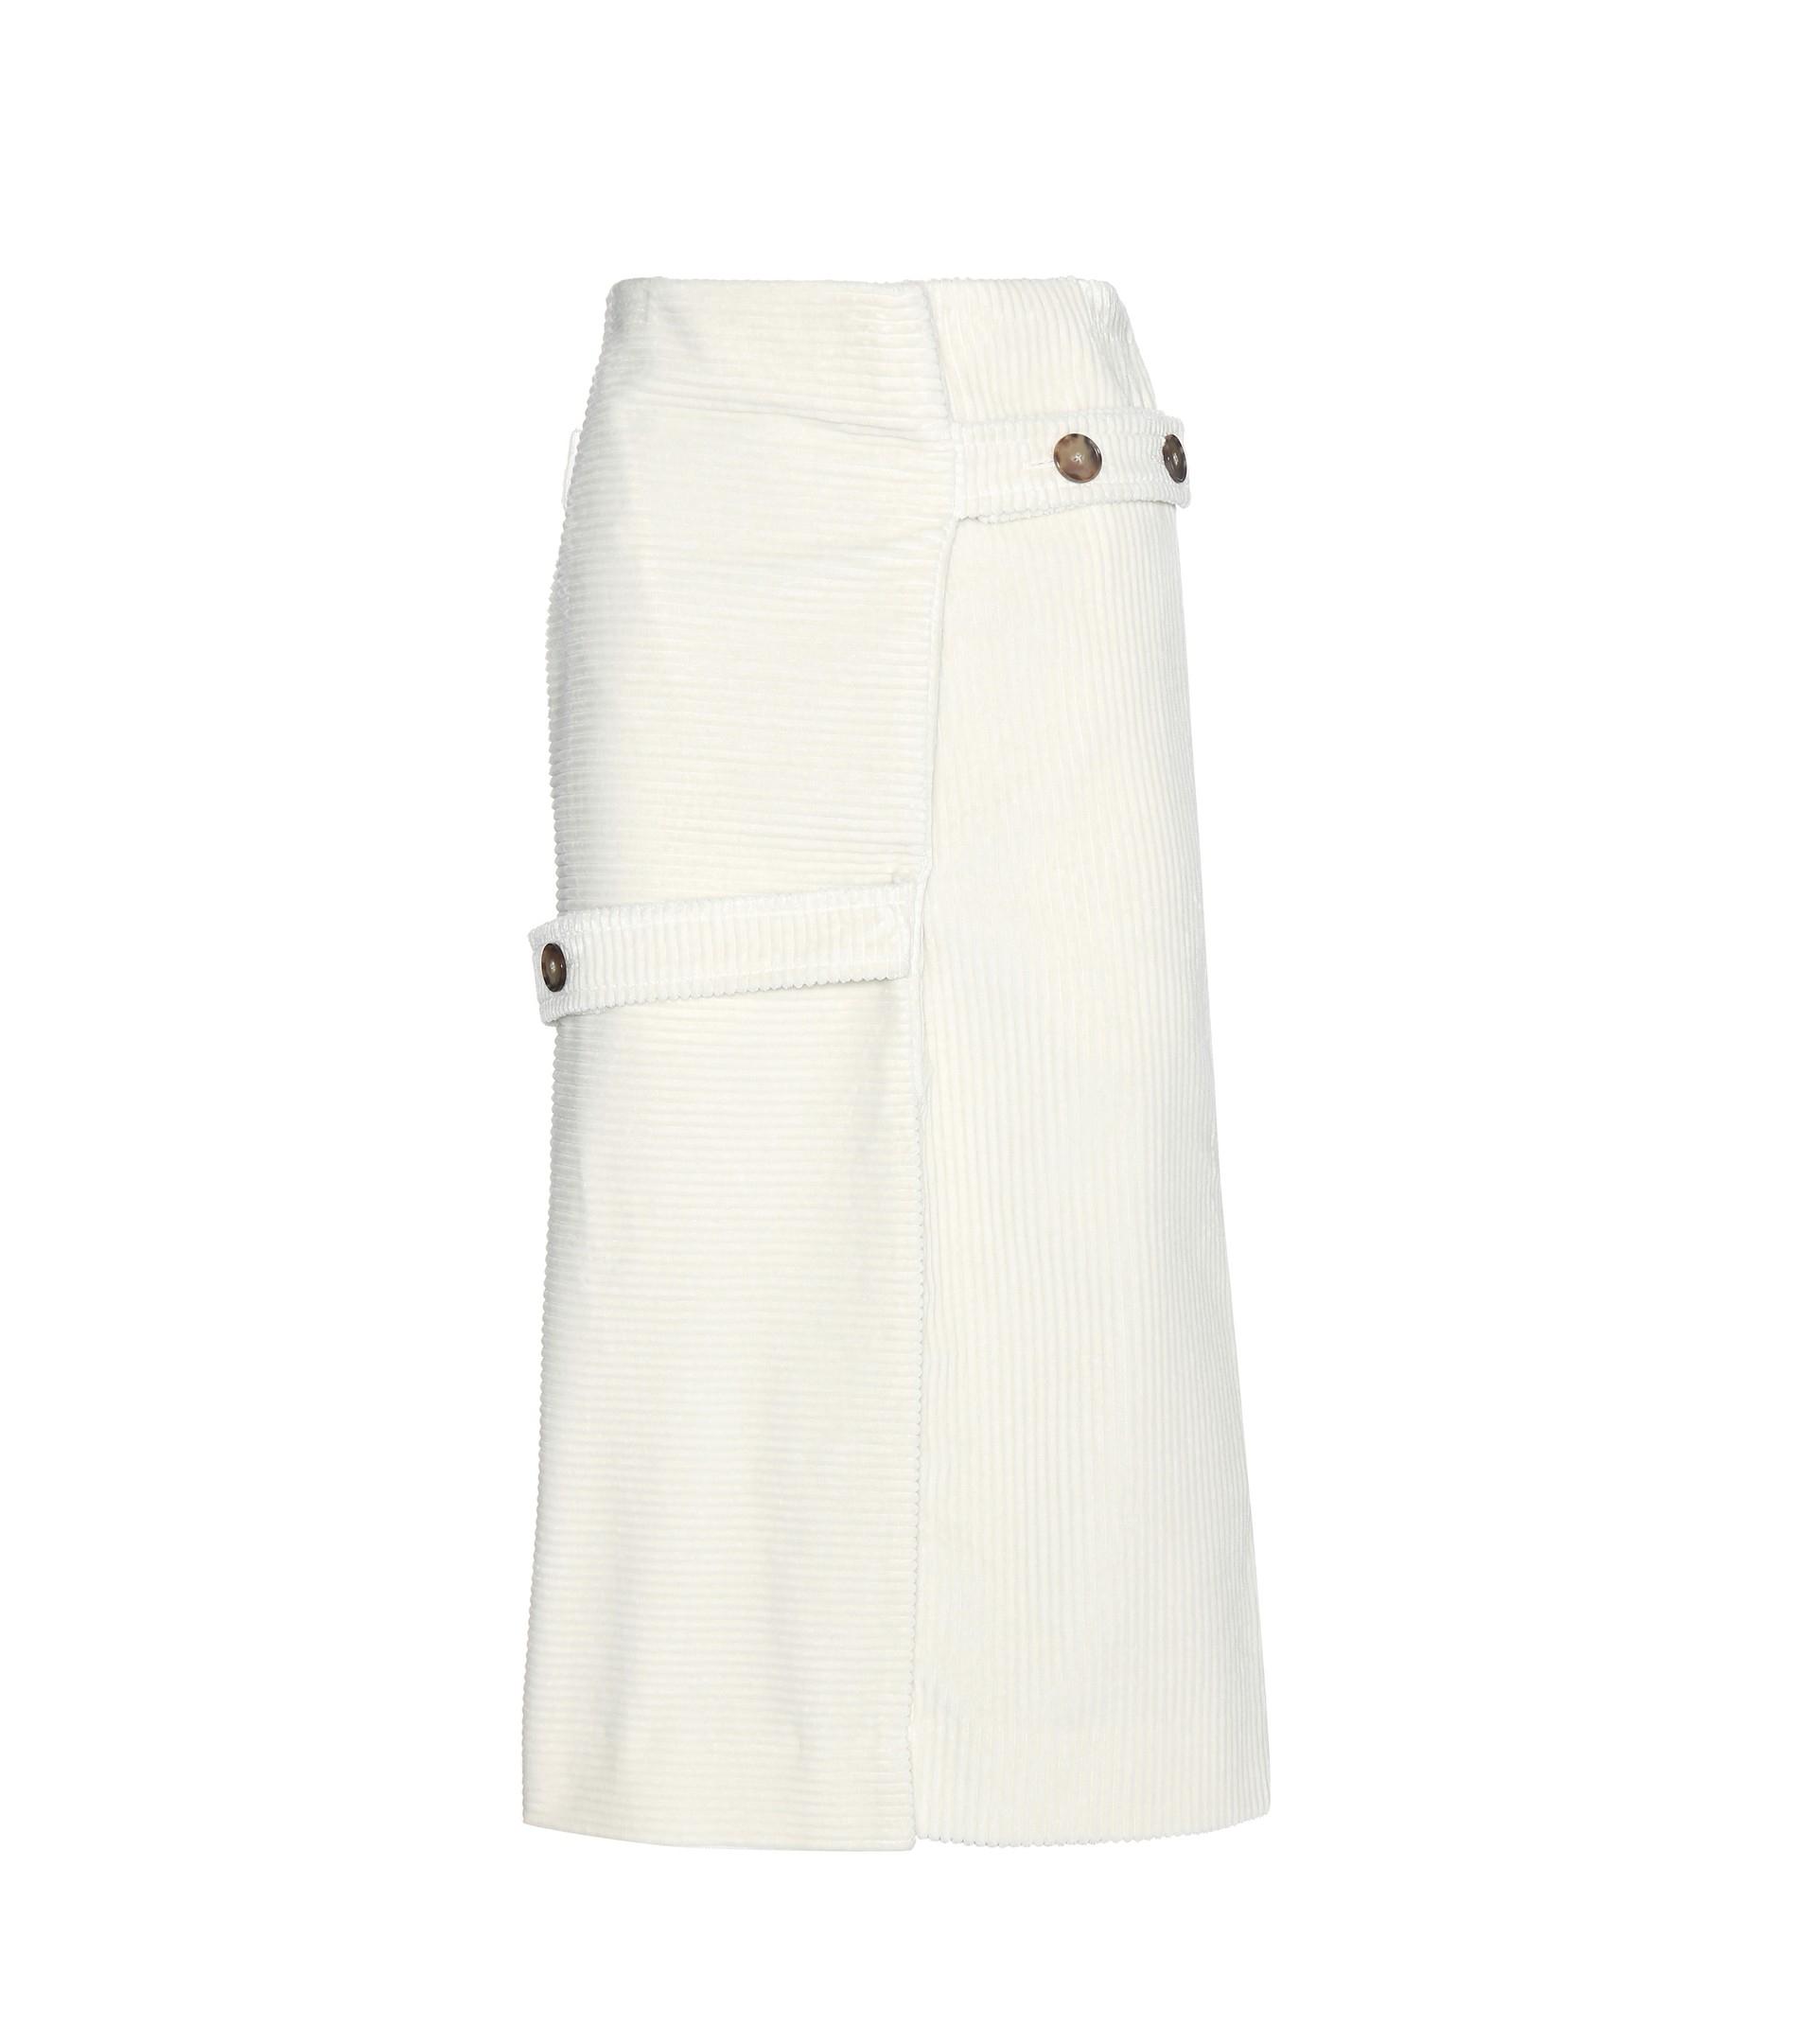 4bda158459 Victoria Beckham Corduroy Skirt in Natural - Lyst